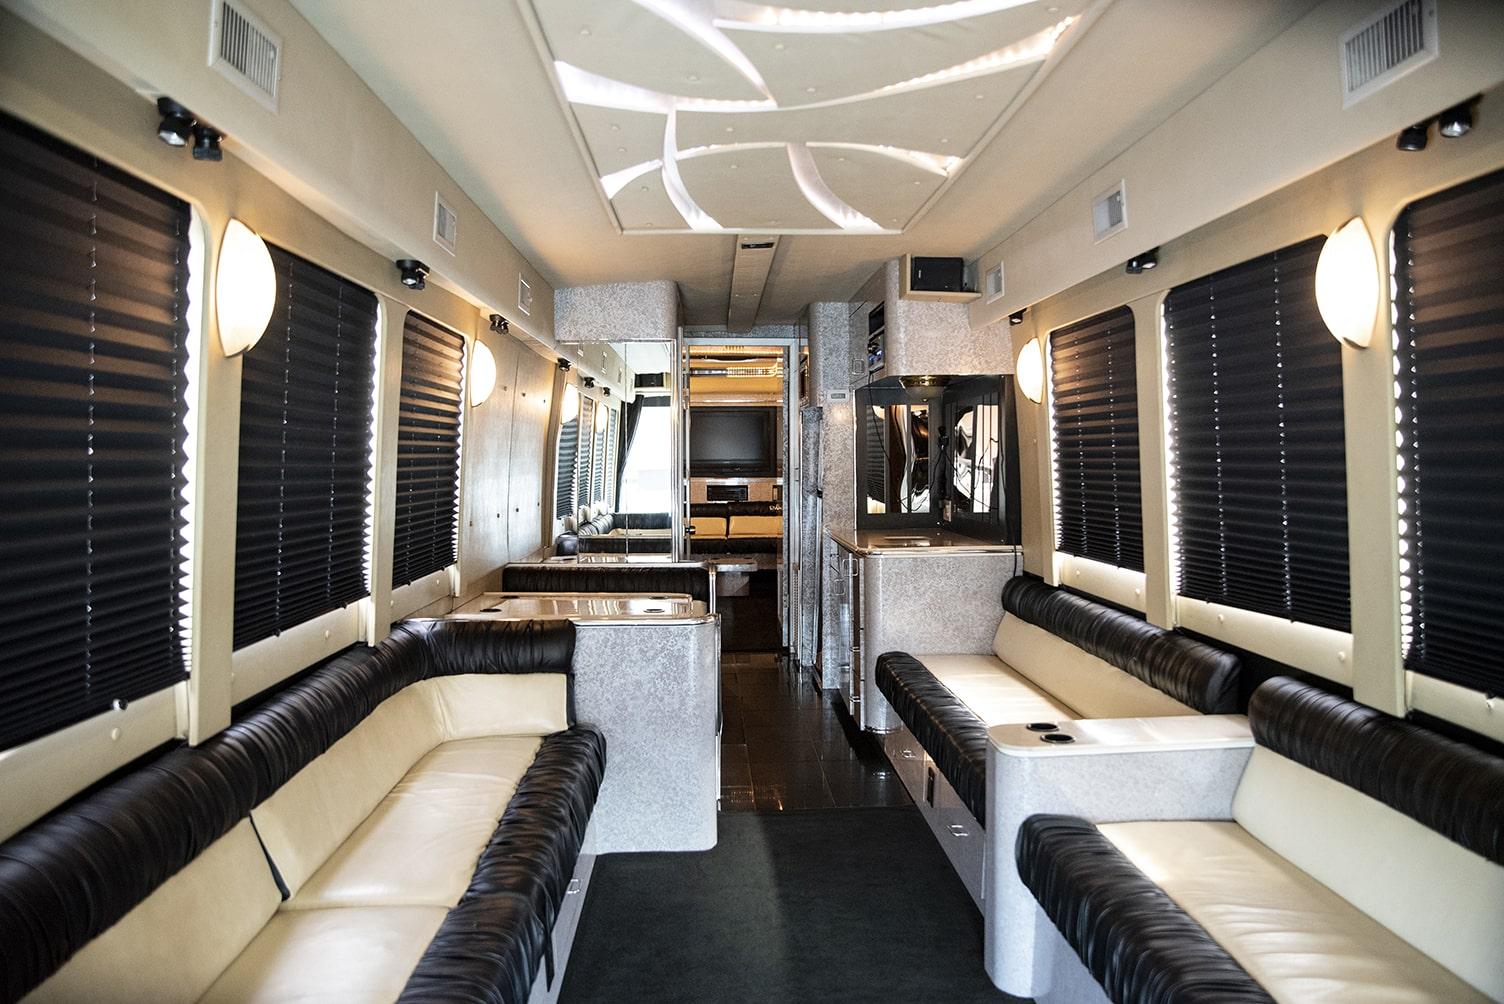 Classic Carriage VIP Coach Bus, St. John's coach bus, St. John's bus tours, NL, Luxury Party Bus